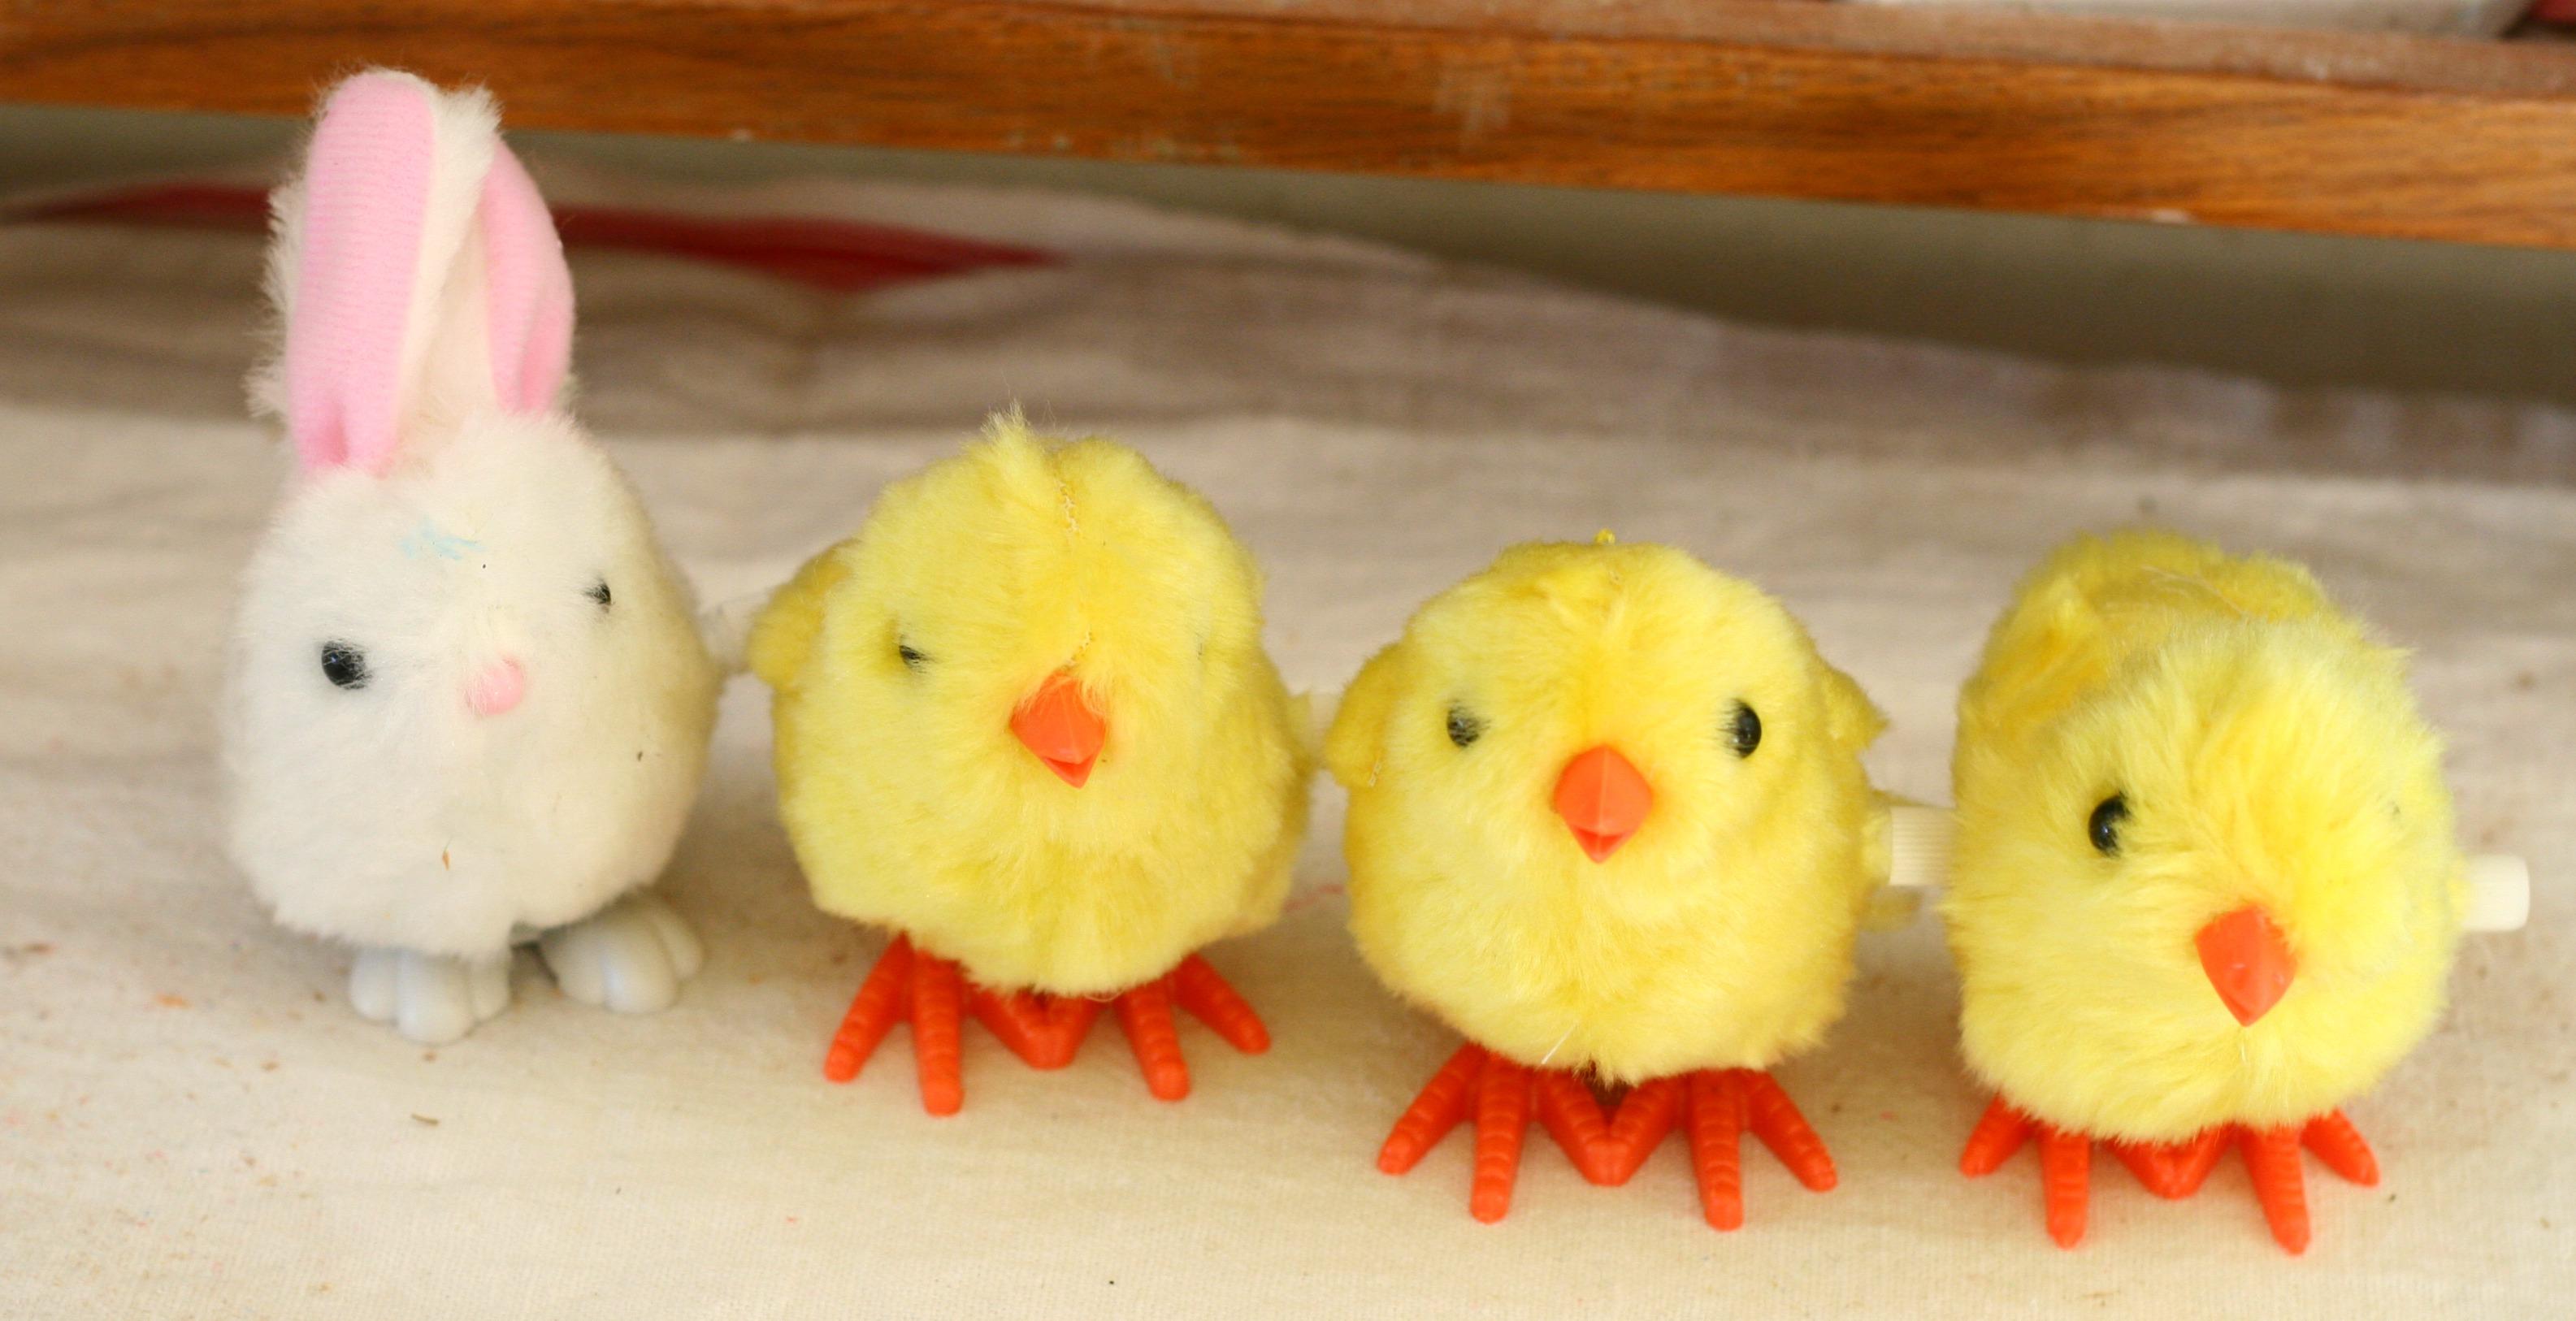 Chicks and Bunny